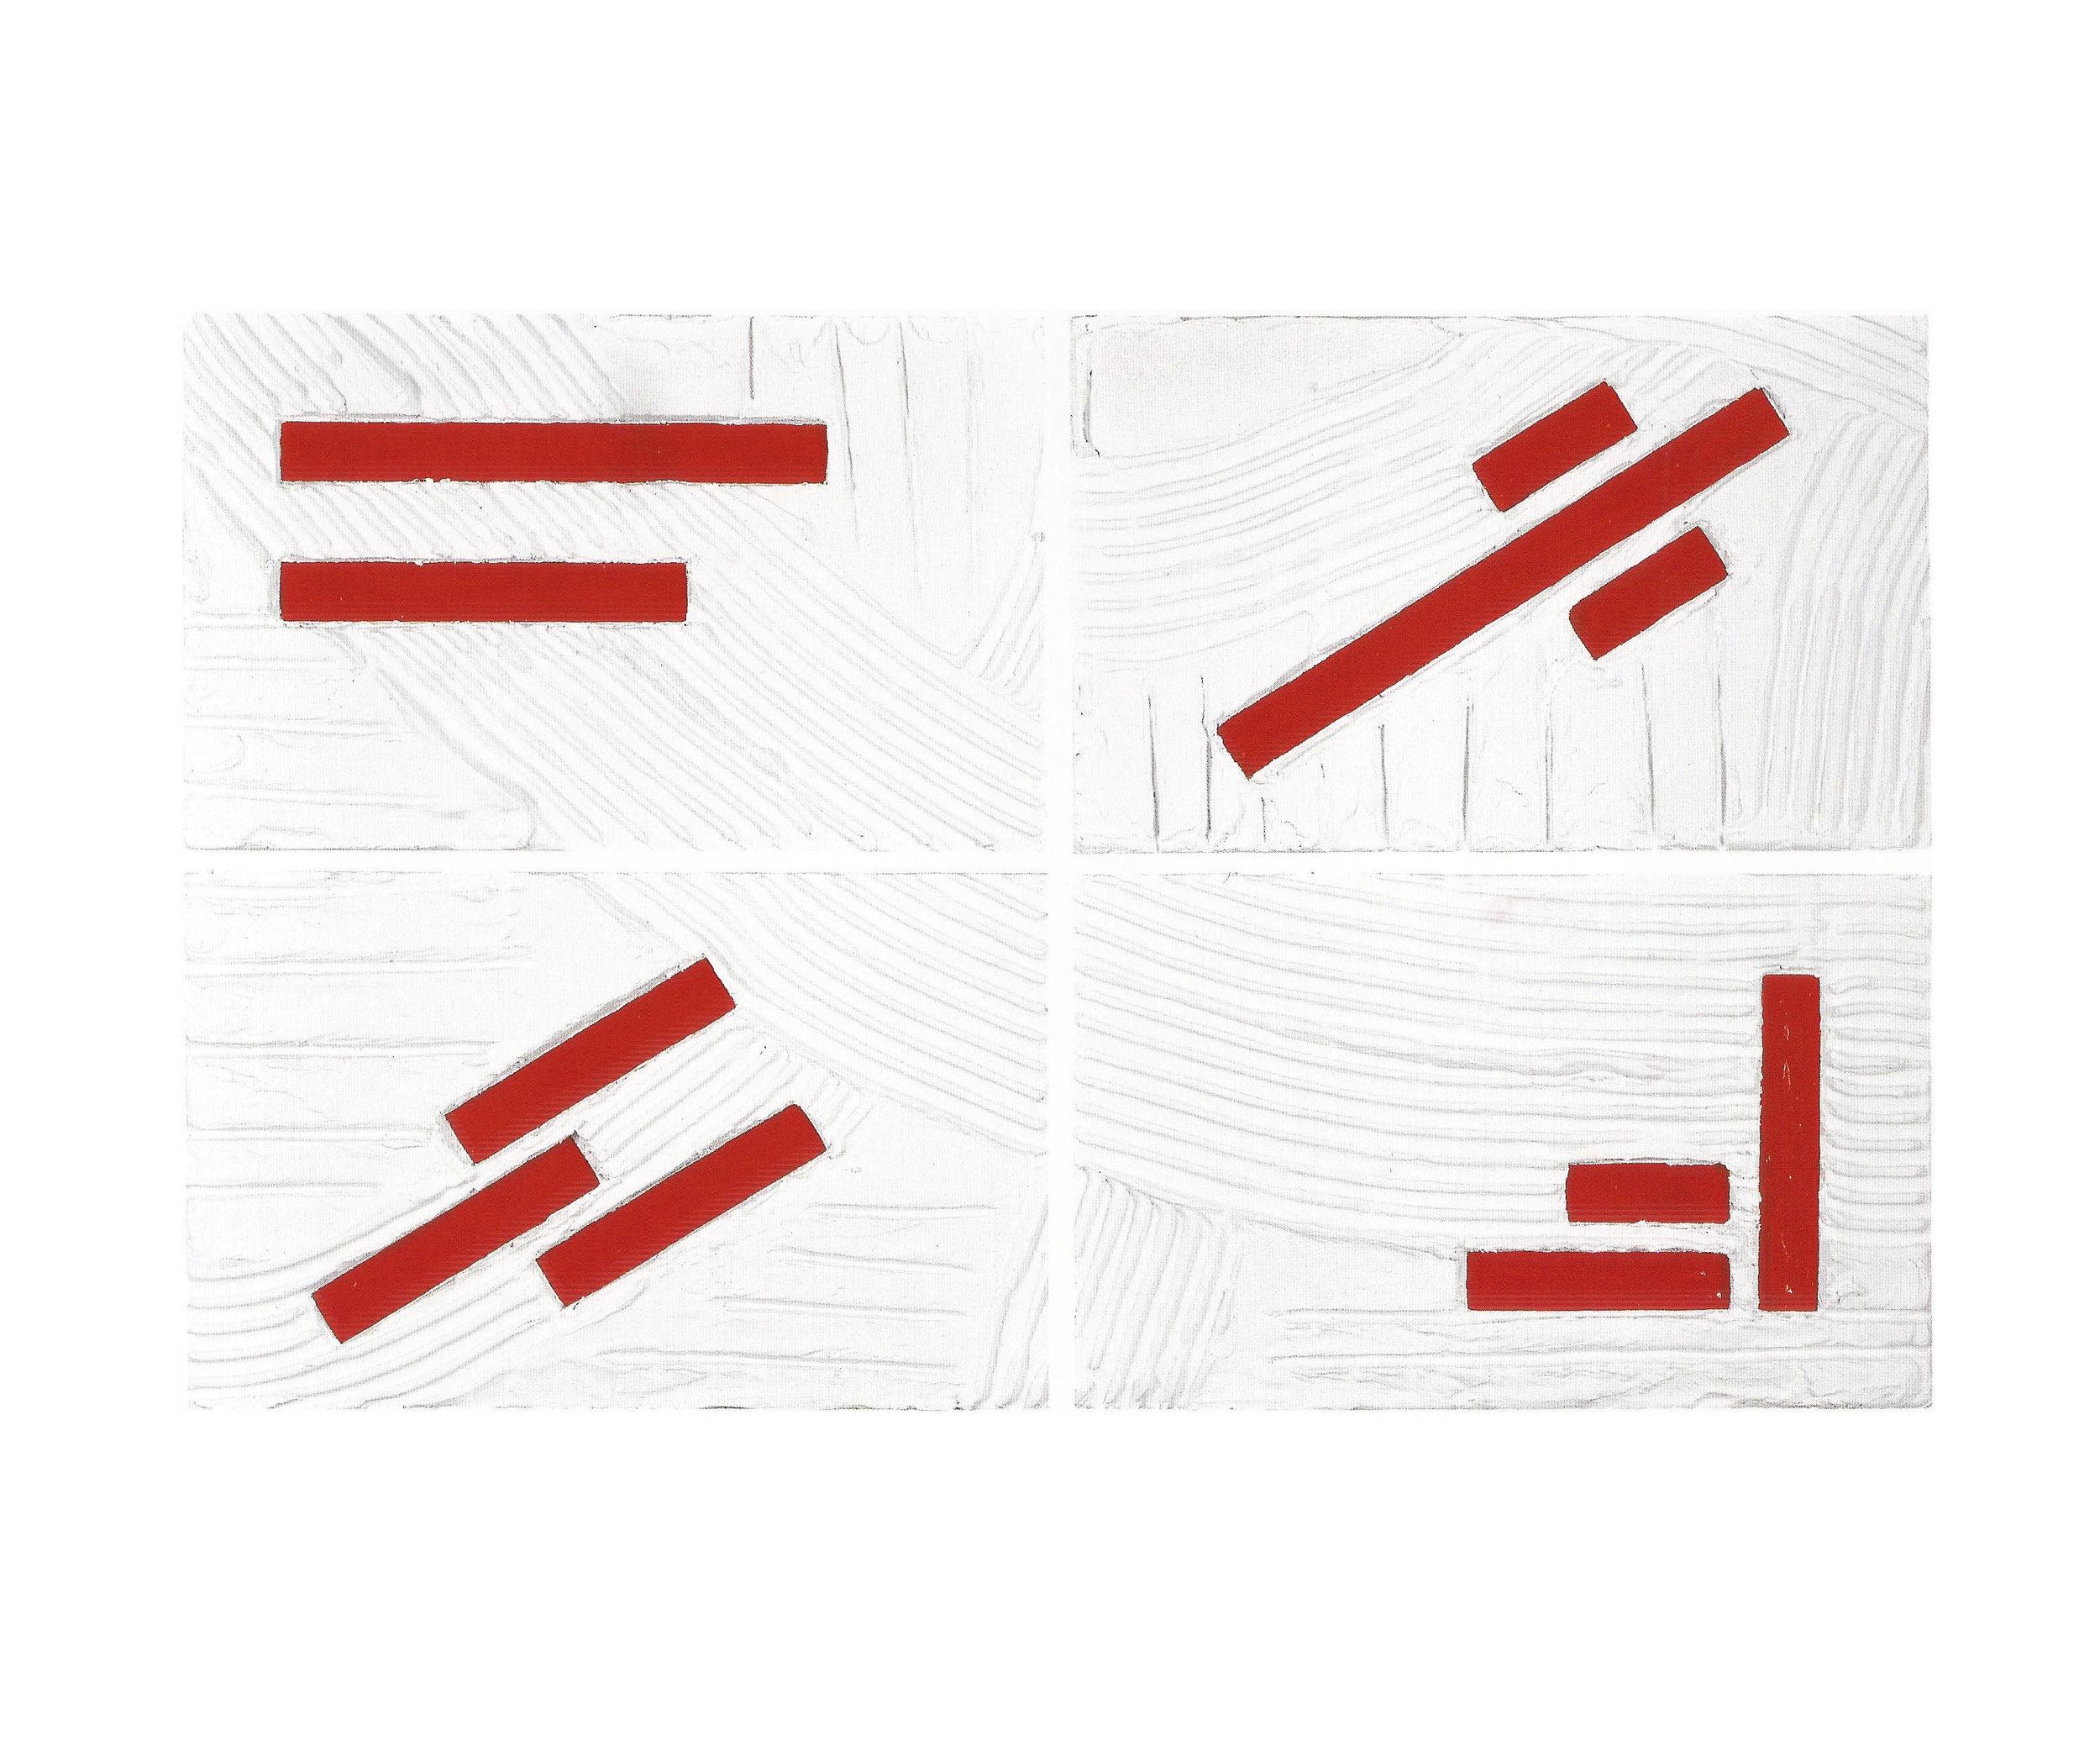 I Portali Dell' Anima Series - 2003 Untitled #33, Red Dashes, Quadripartite  , Mixed Media on board, 20'' x 32''